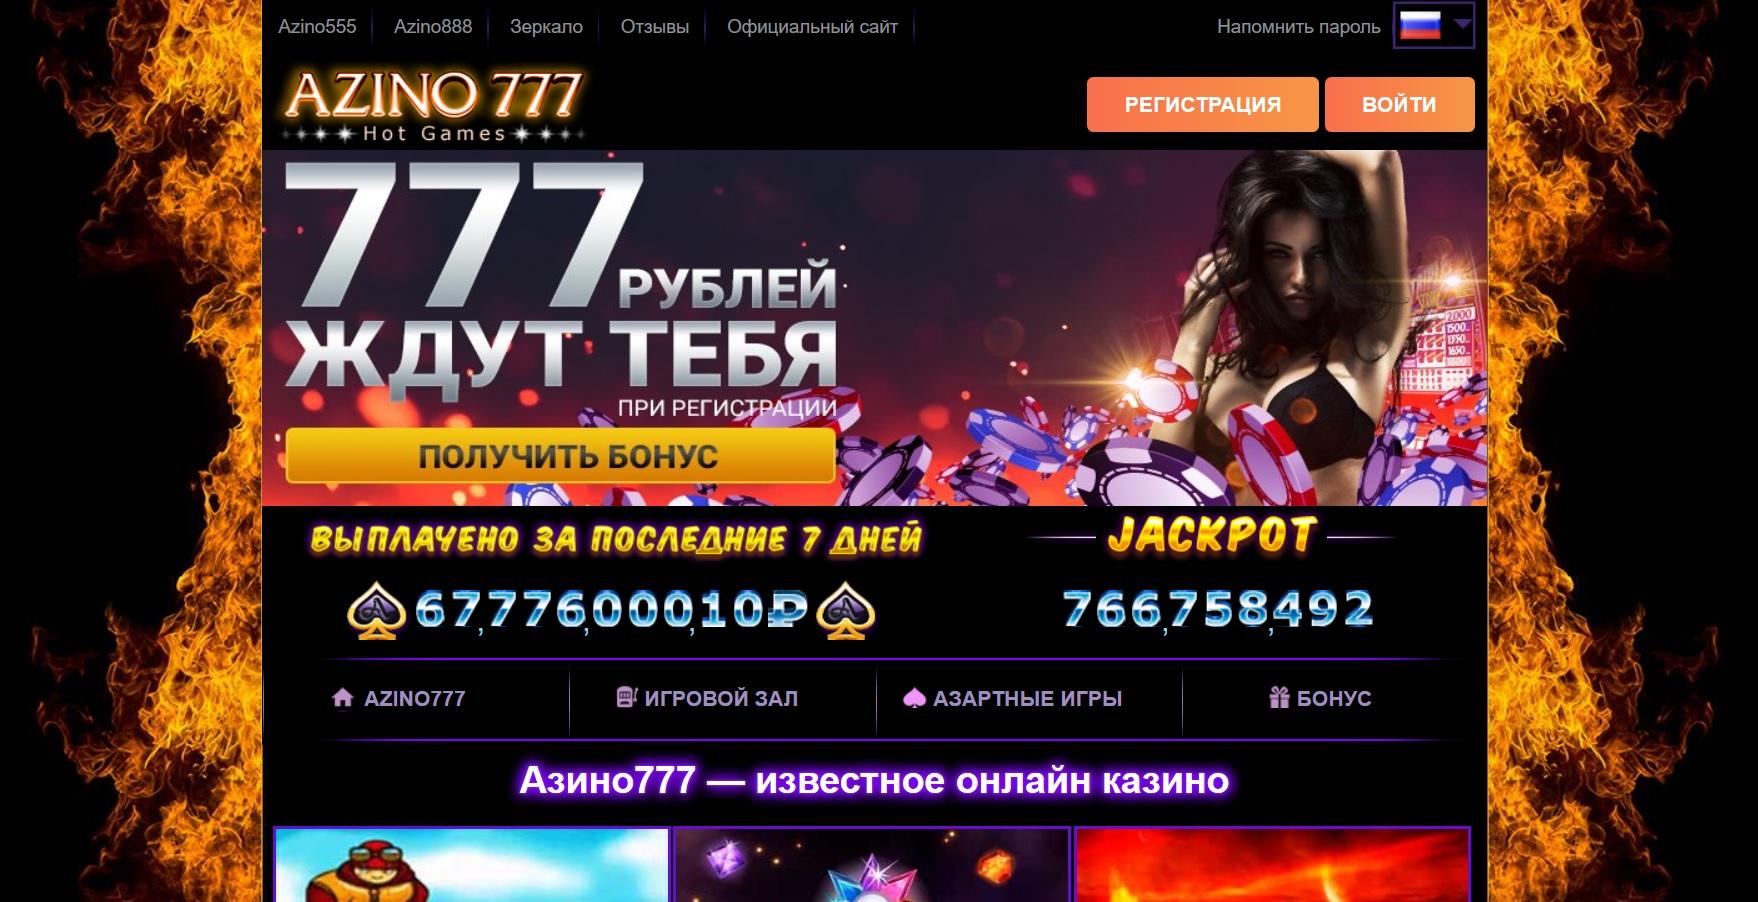 azino888 com азино888 официальный сайт